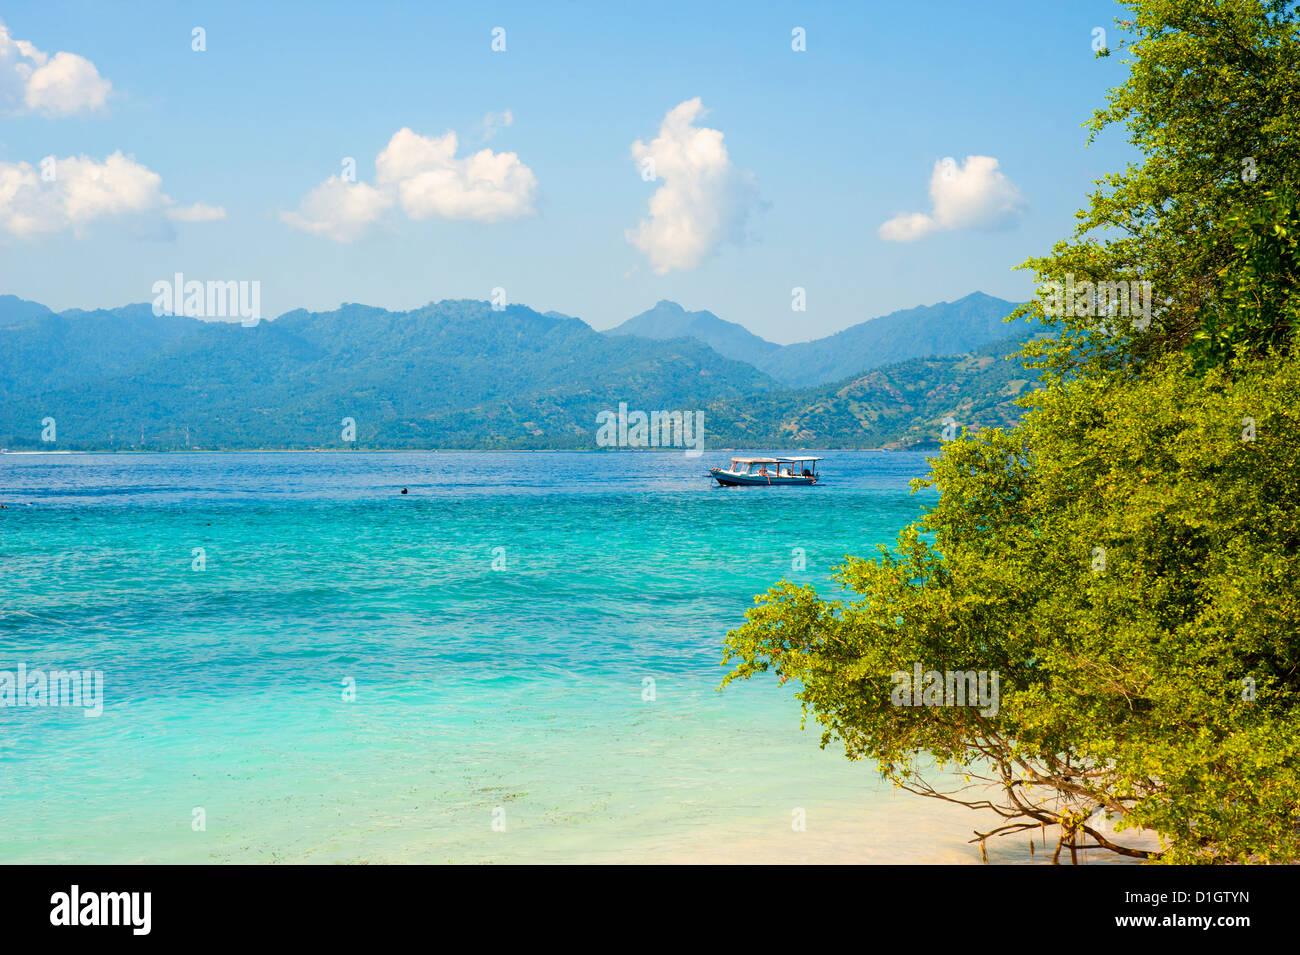 Lombok, visto desde Gili Meno, Gili Islands, Indonesia, Sudeste Asiático, Asia Imagen De Stock